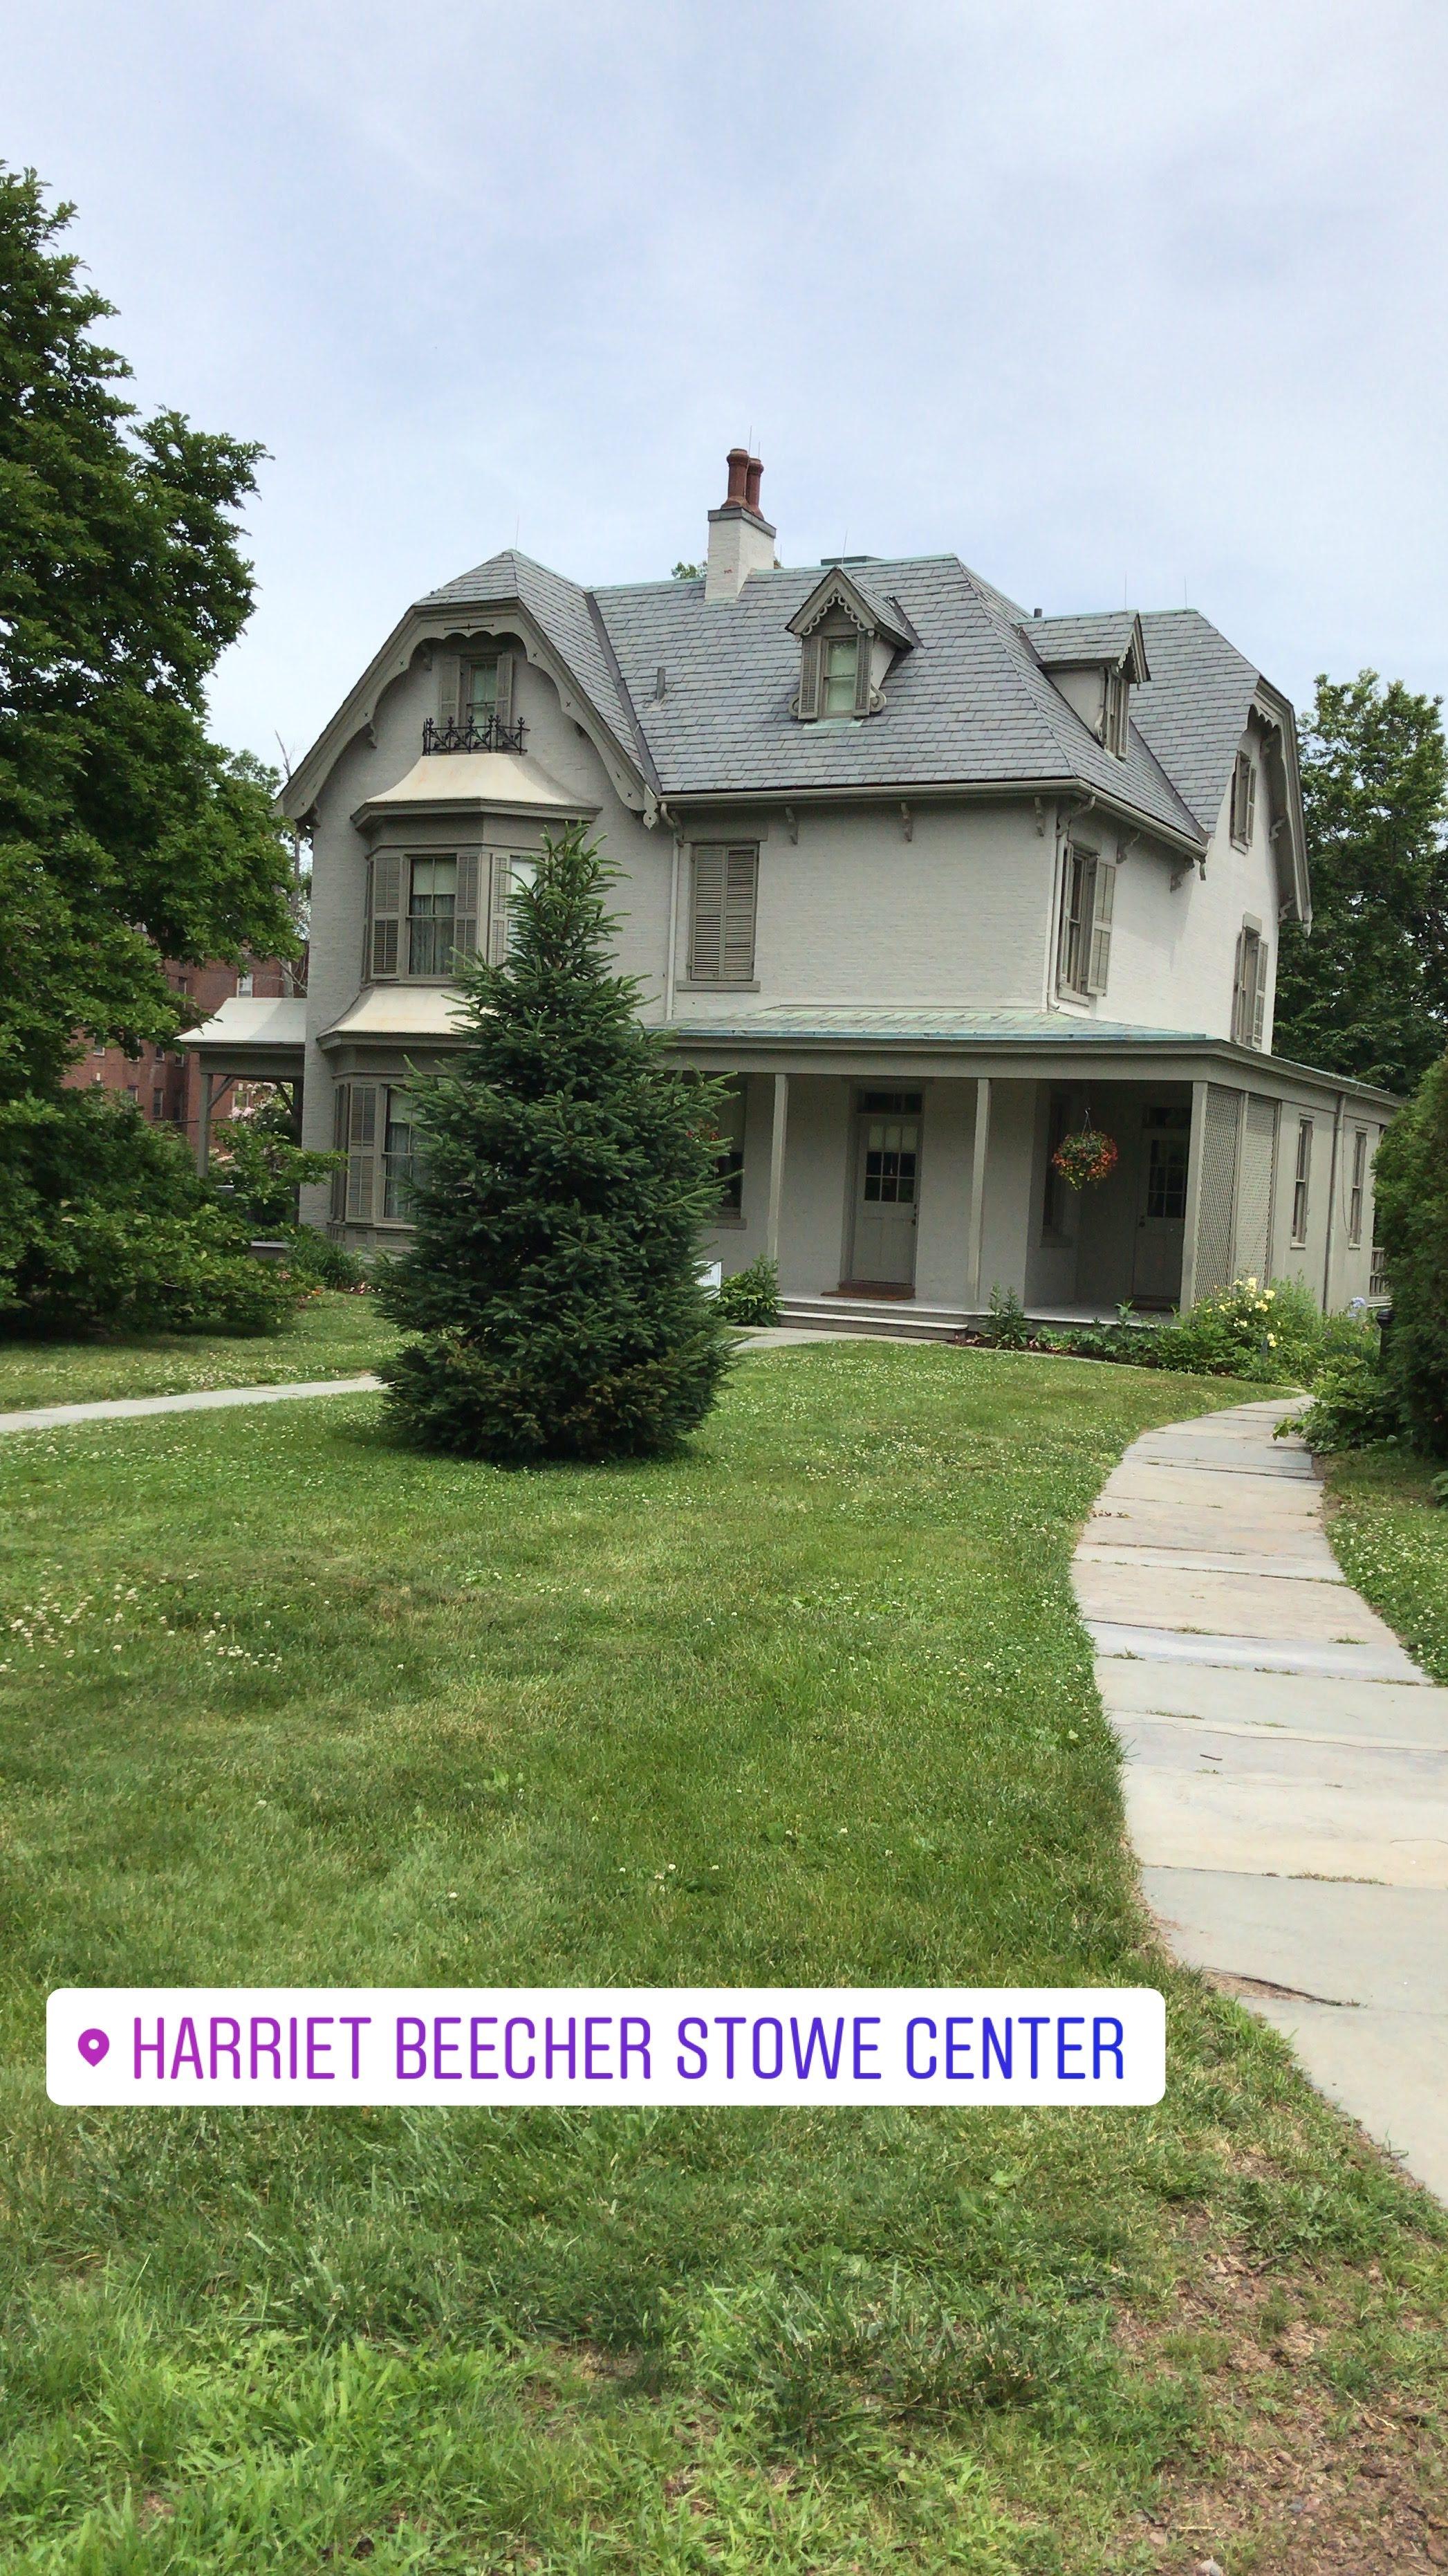 Harriet Beecher Stowe's home